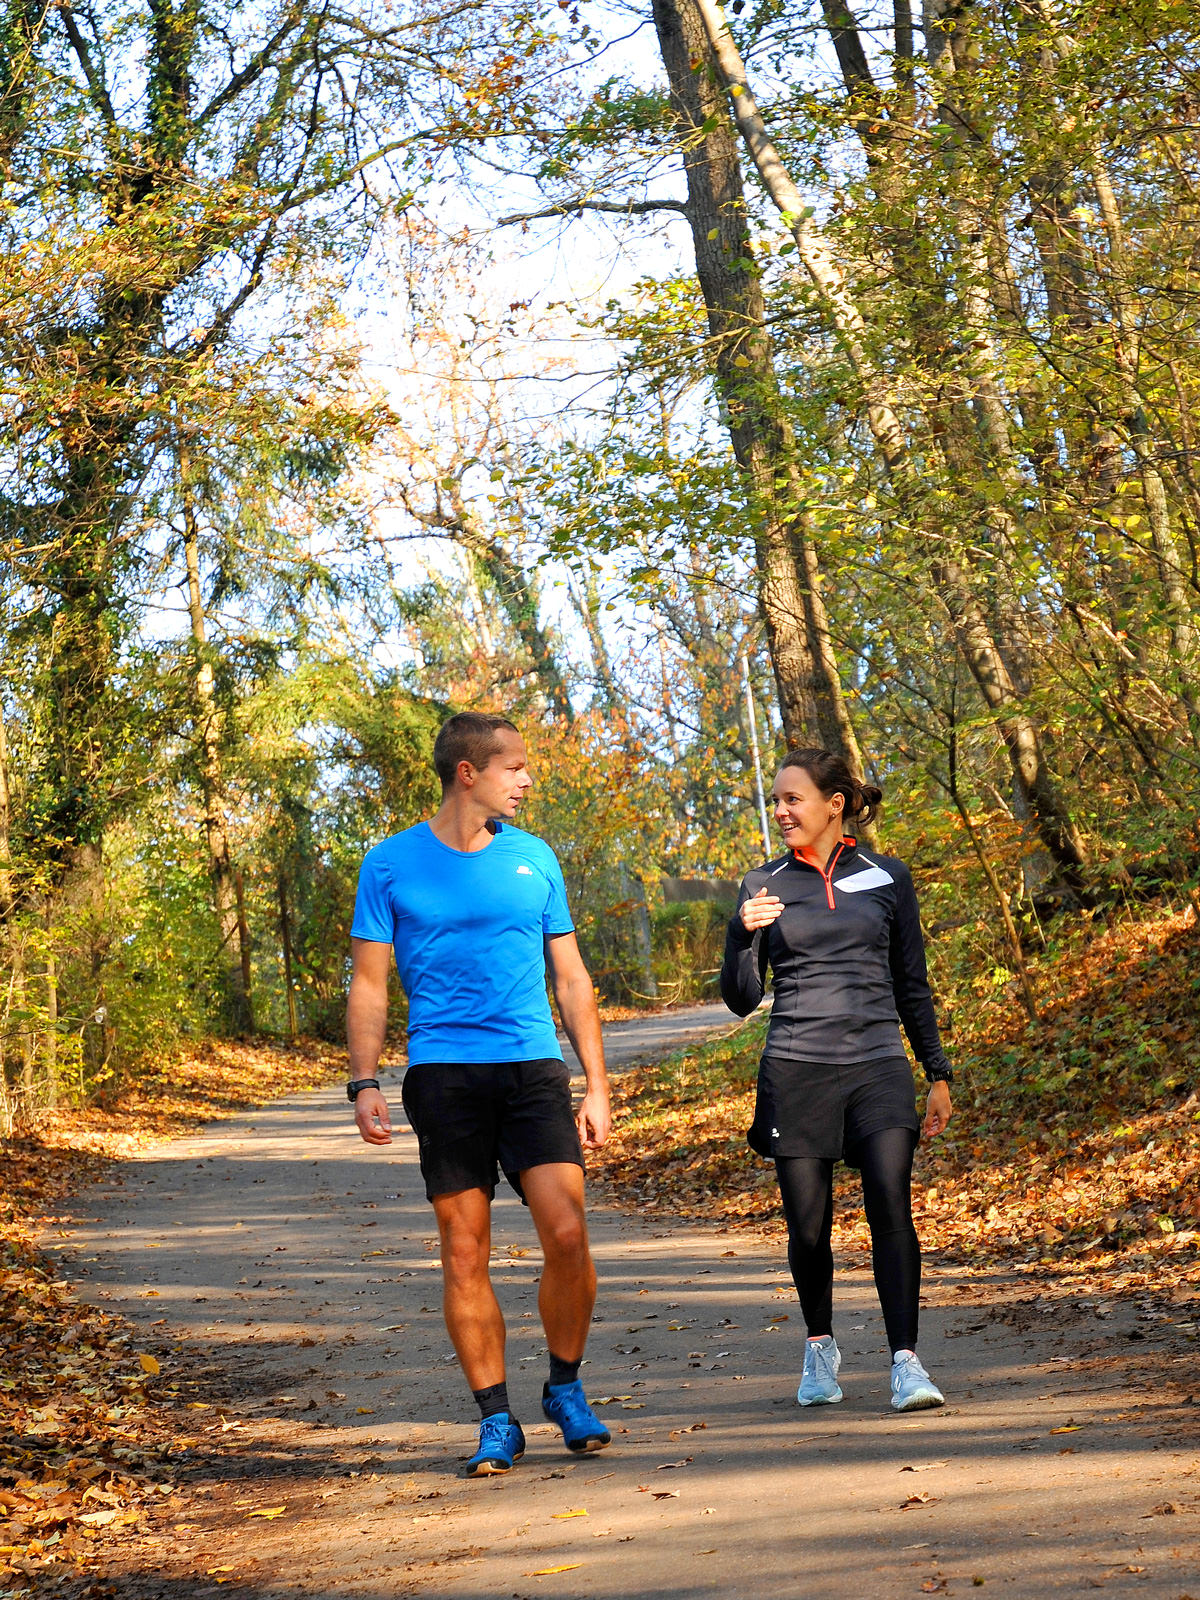 Personal Training, um wieder schmerzfrei trainieren zu können